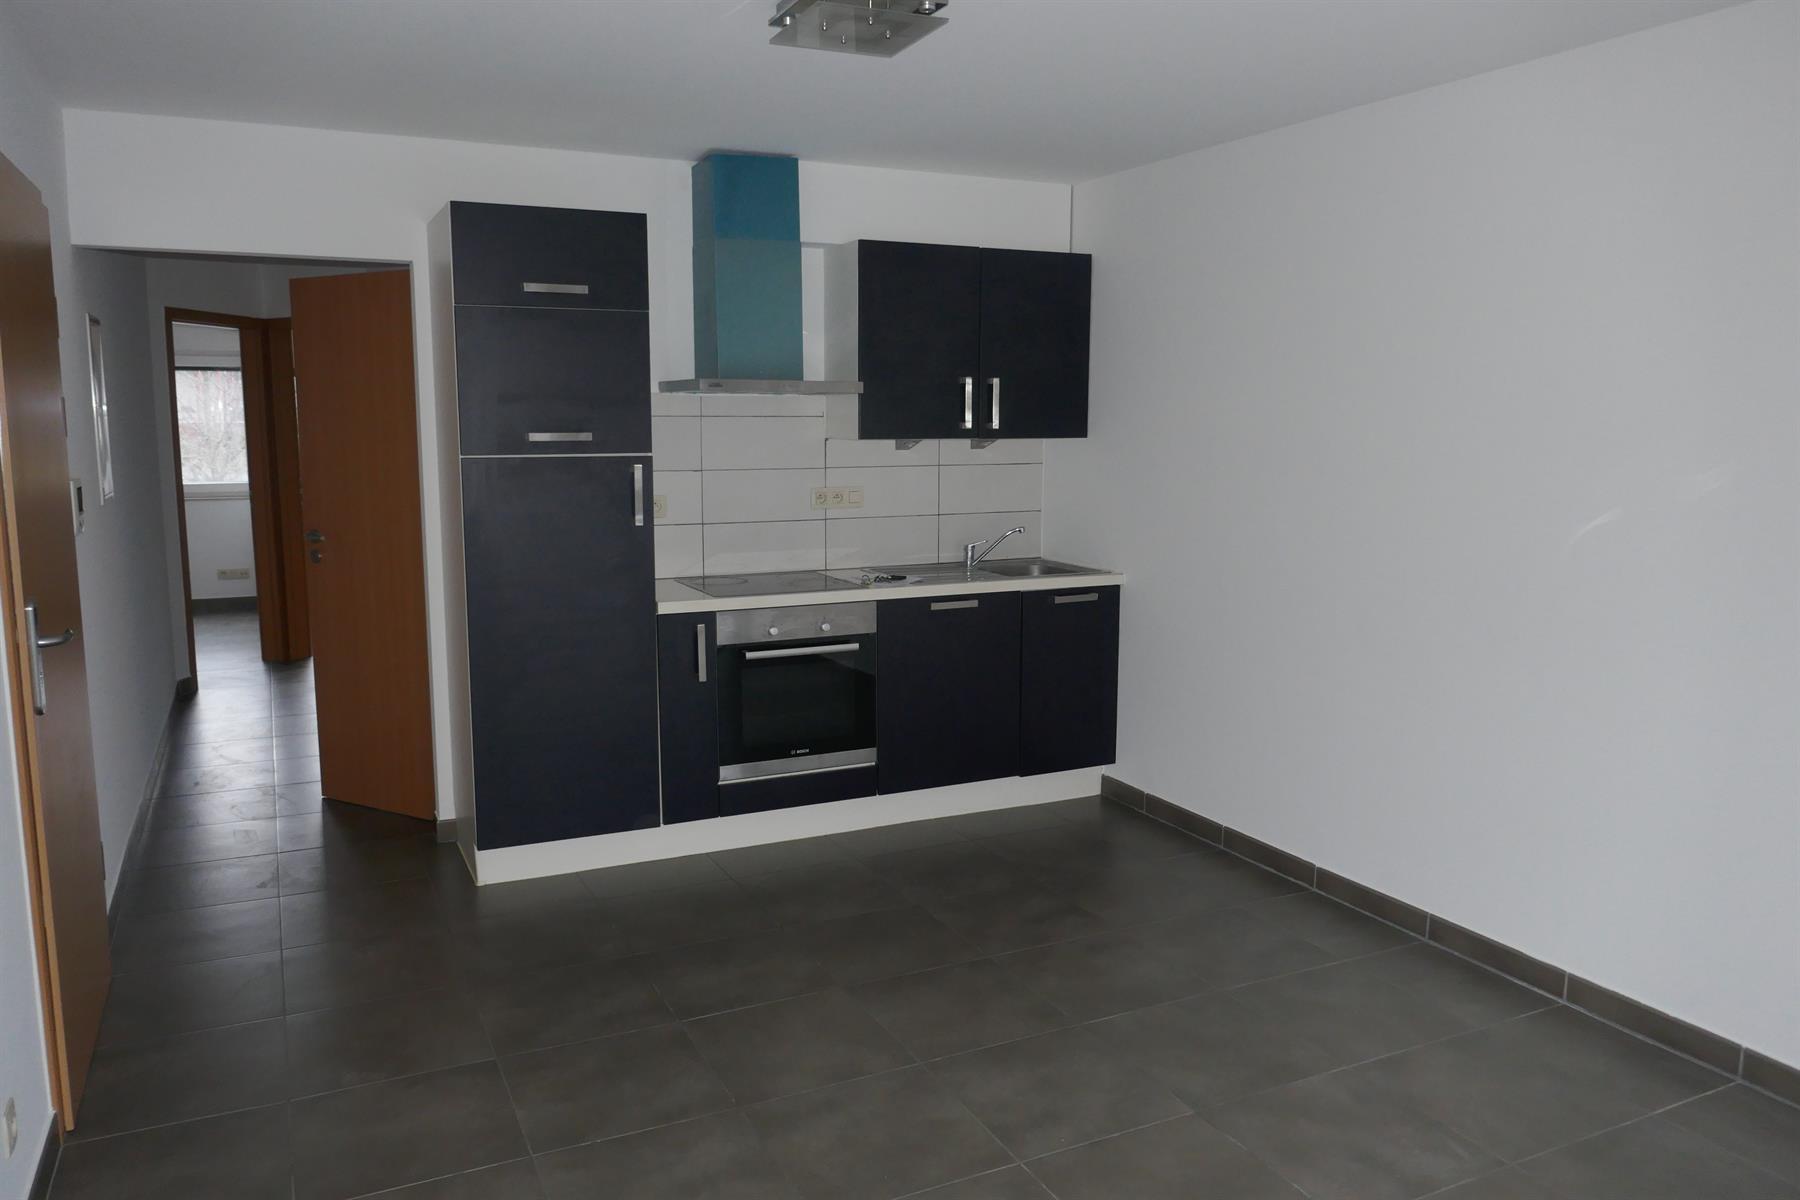 Appartement - Liege - #4218558-1